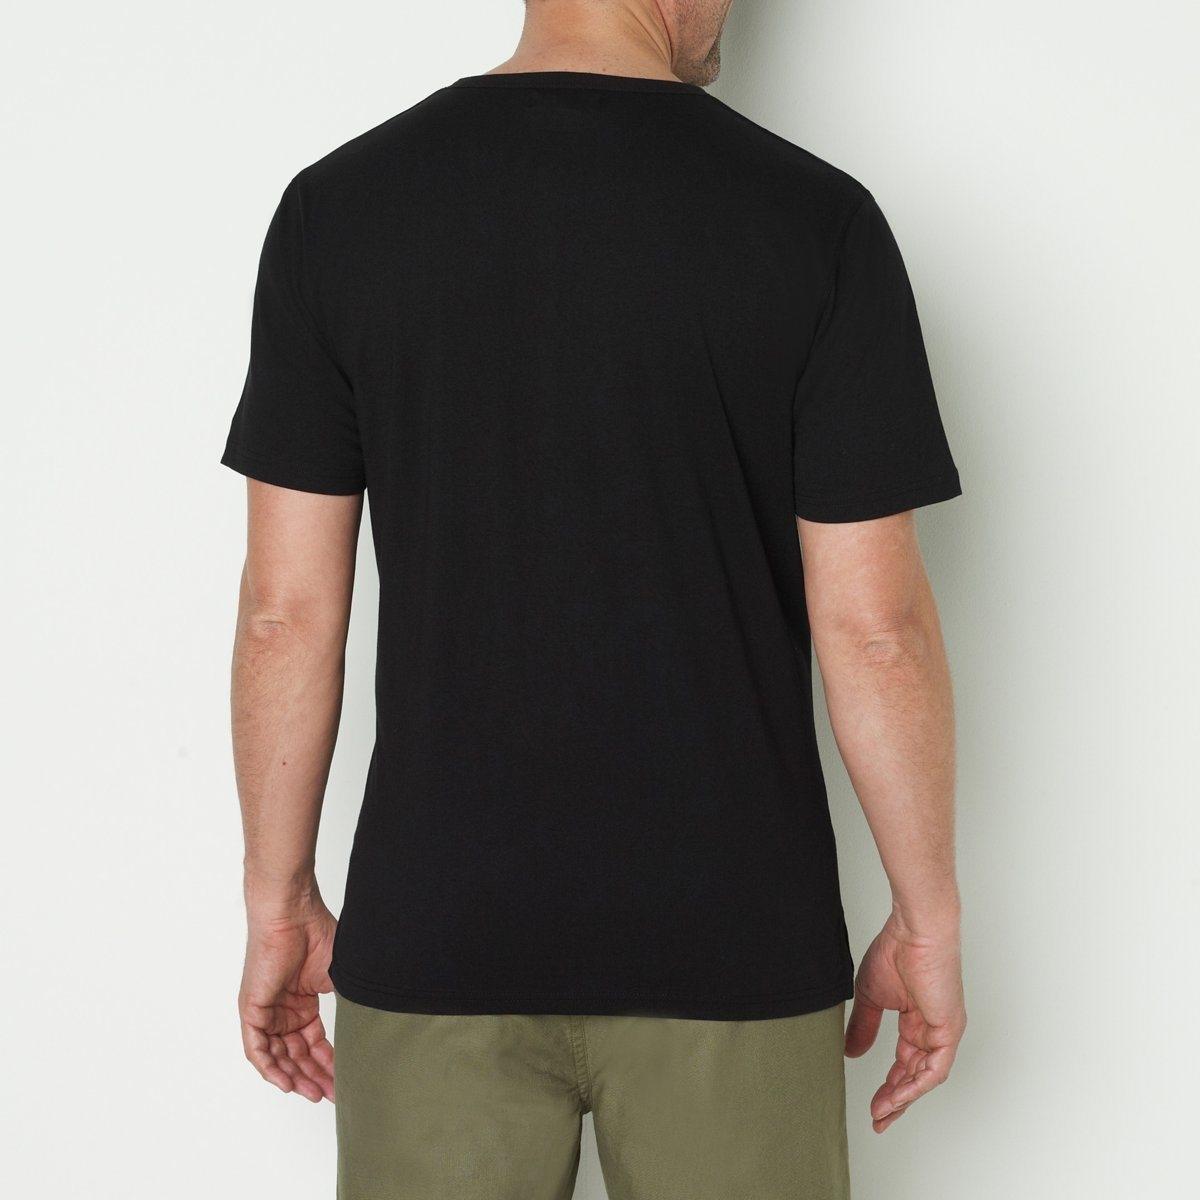 Castaluna-For-Men-Uomo-Tshirt-Alla-Tunisina-Maniche-Corte-In-Puro-Cotone